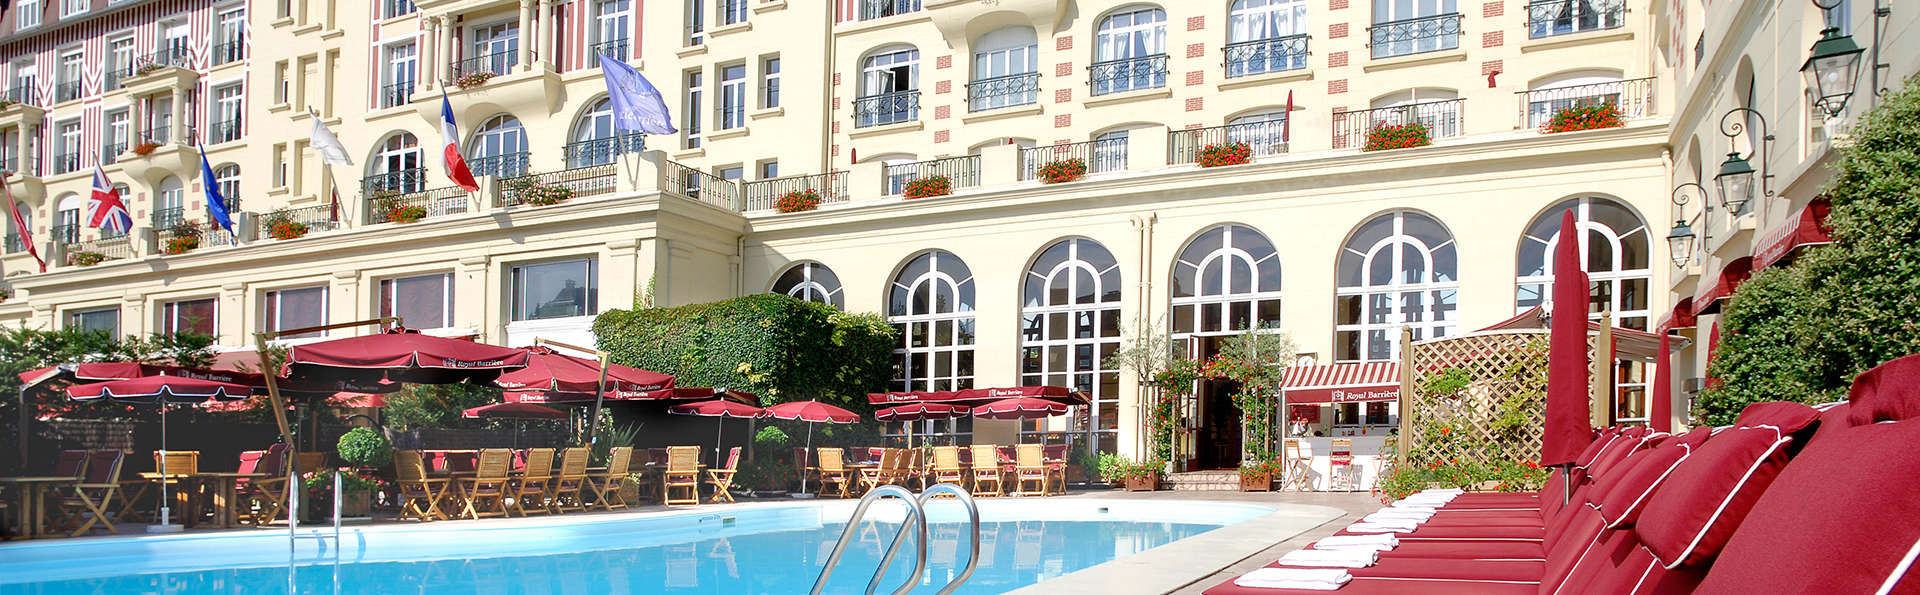 Hôtel Barrière Le Royal Deauville - EDIT_pool.jpg